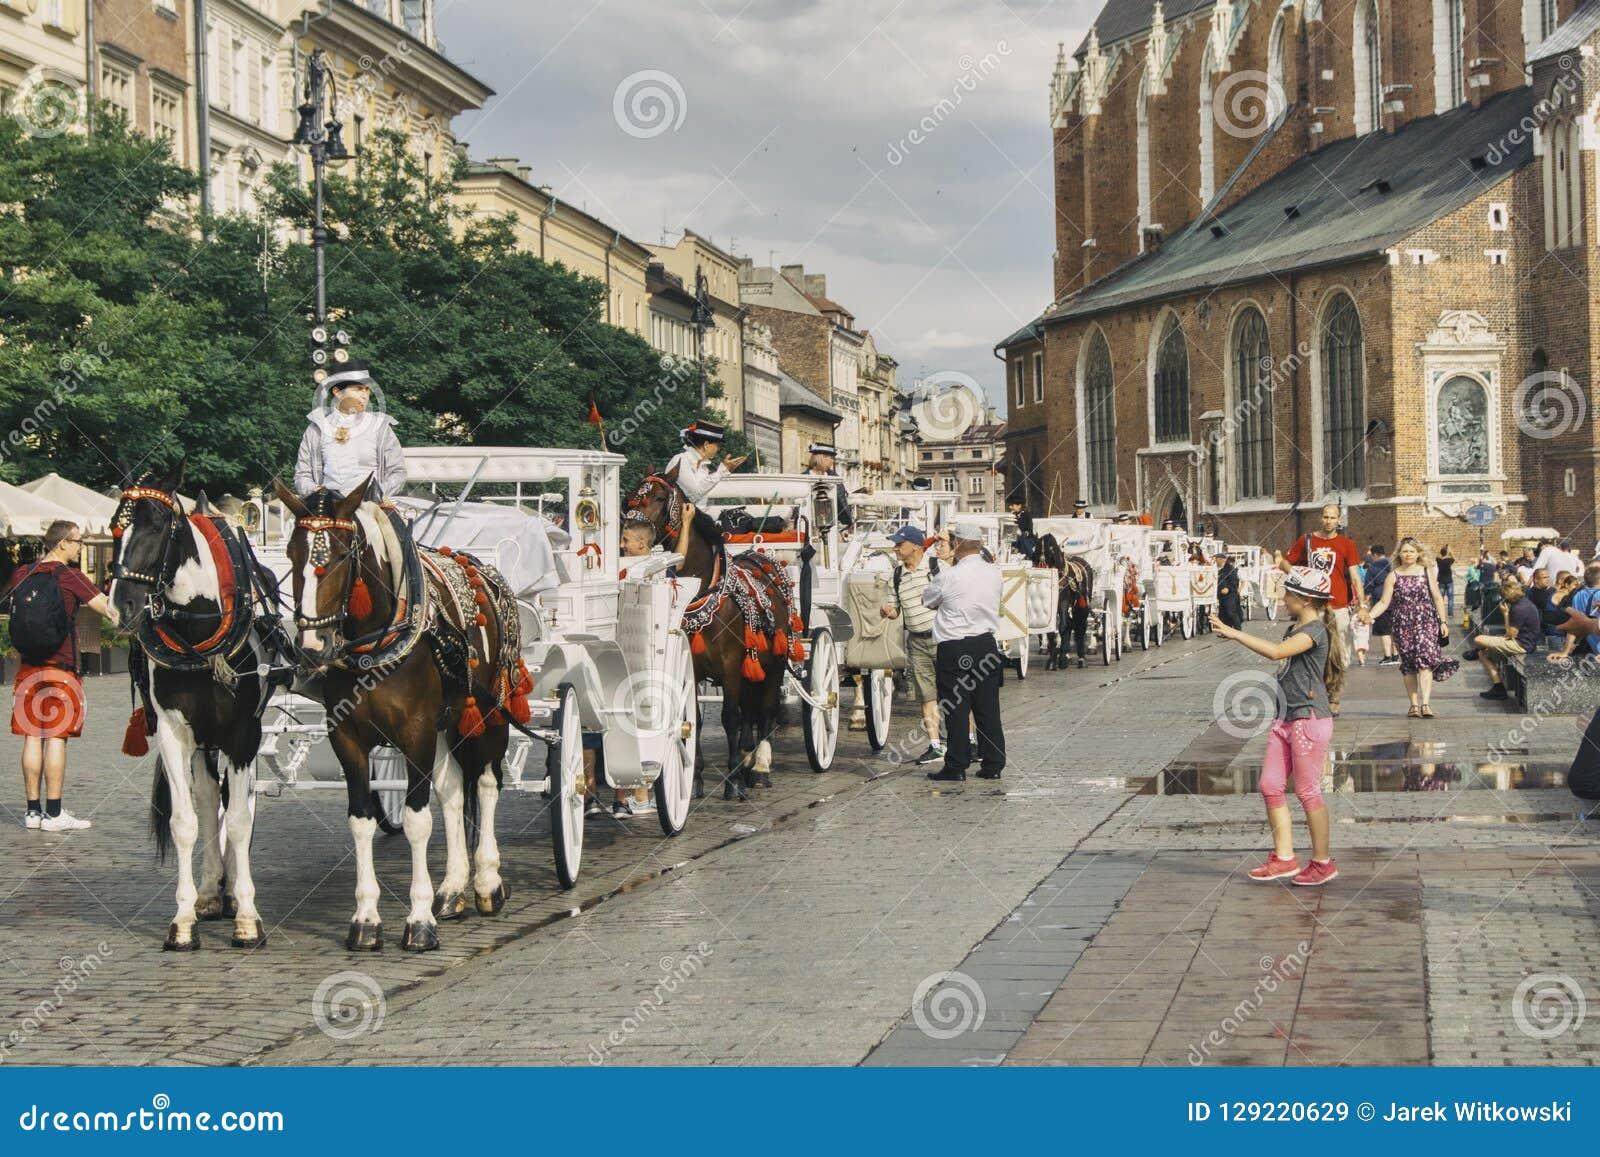 Άσπρα αμάξια για τη μεταφορά των τουριστών στην Κρακοβία